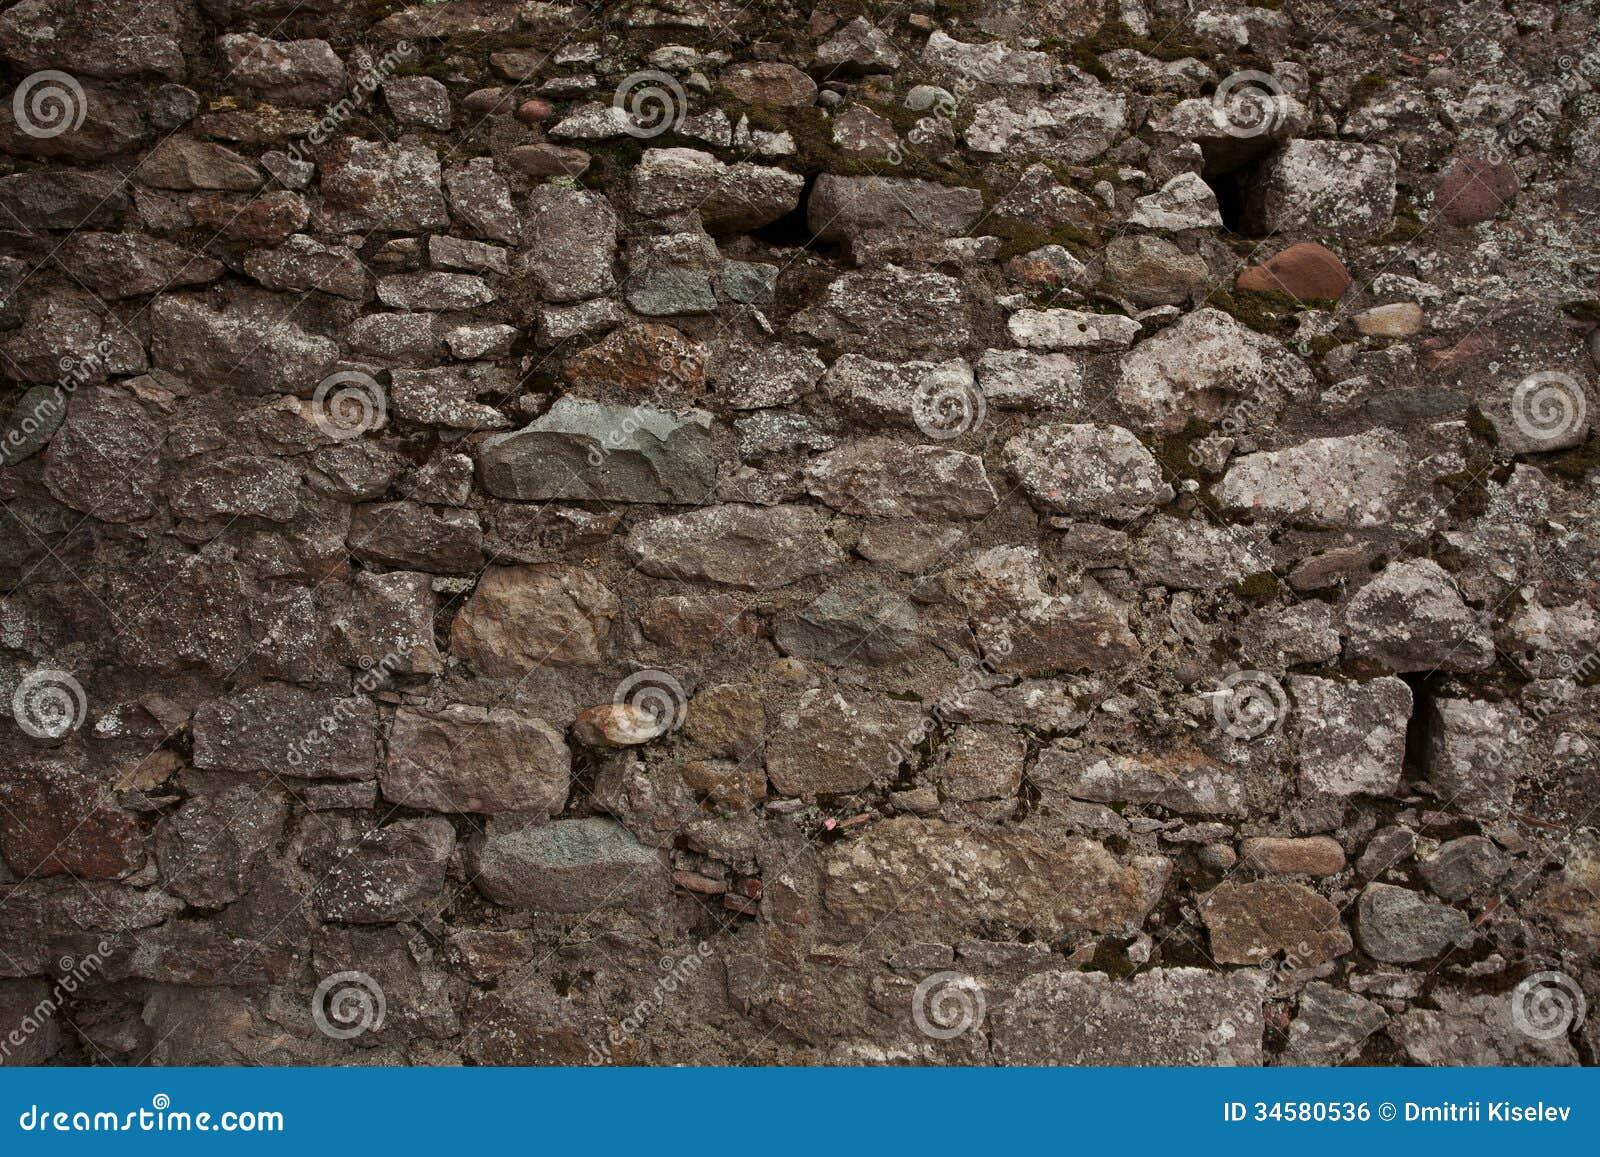 zwarte stenen muur achtergrond - photo #46